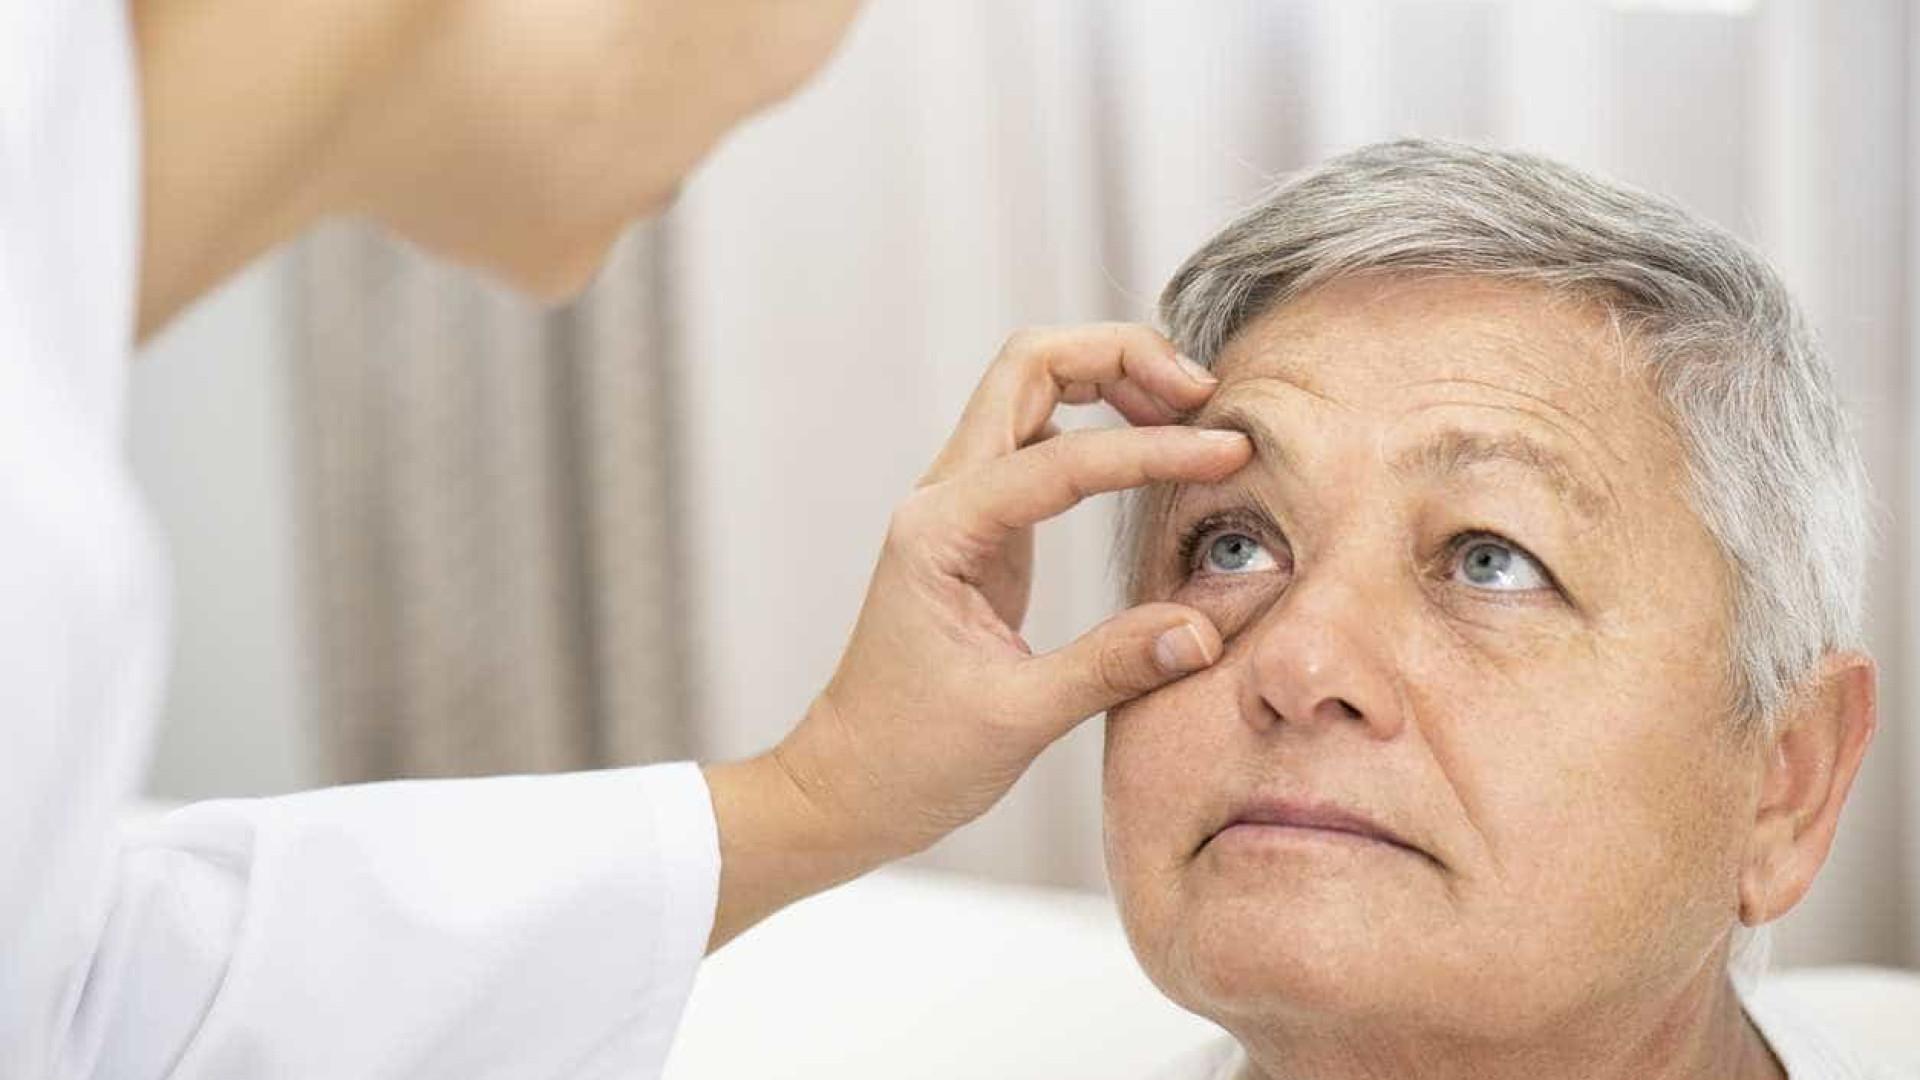 Rastreios da retinopatia diabética para 11.600 doentes do Vale do Sousa